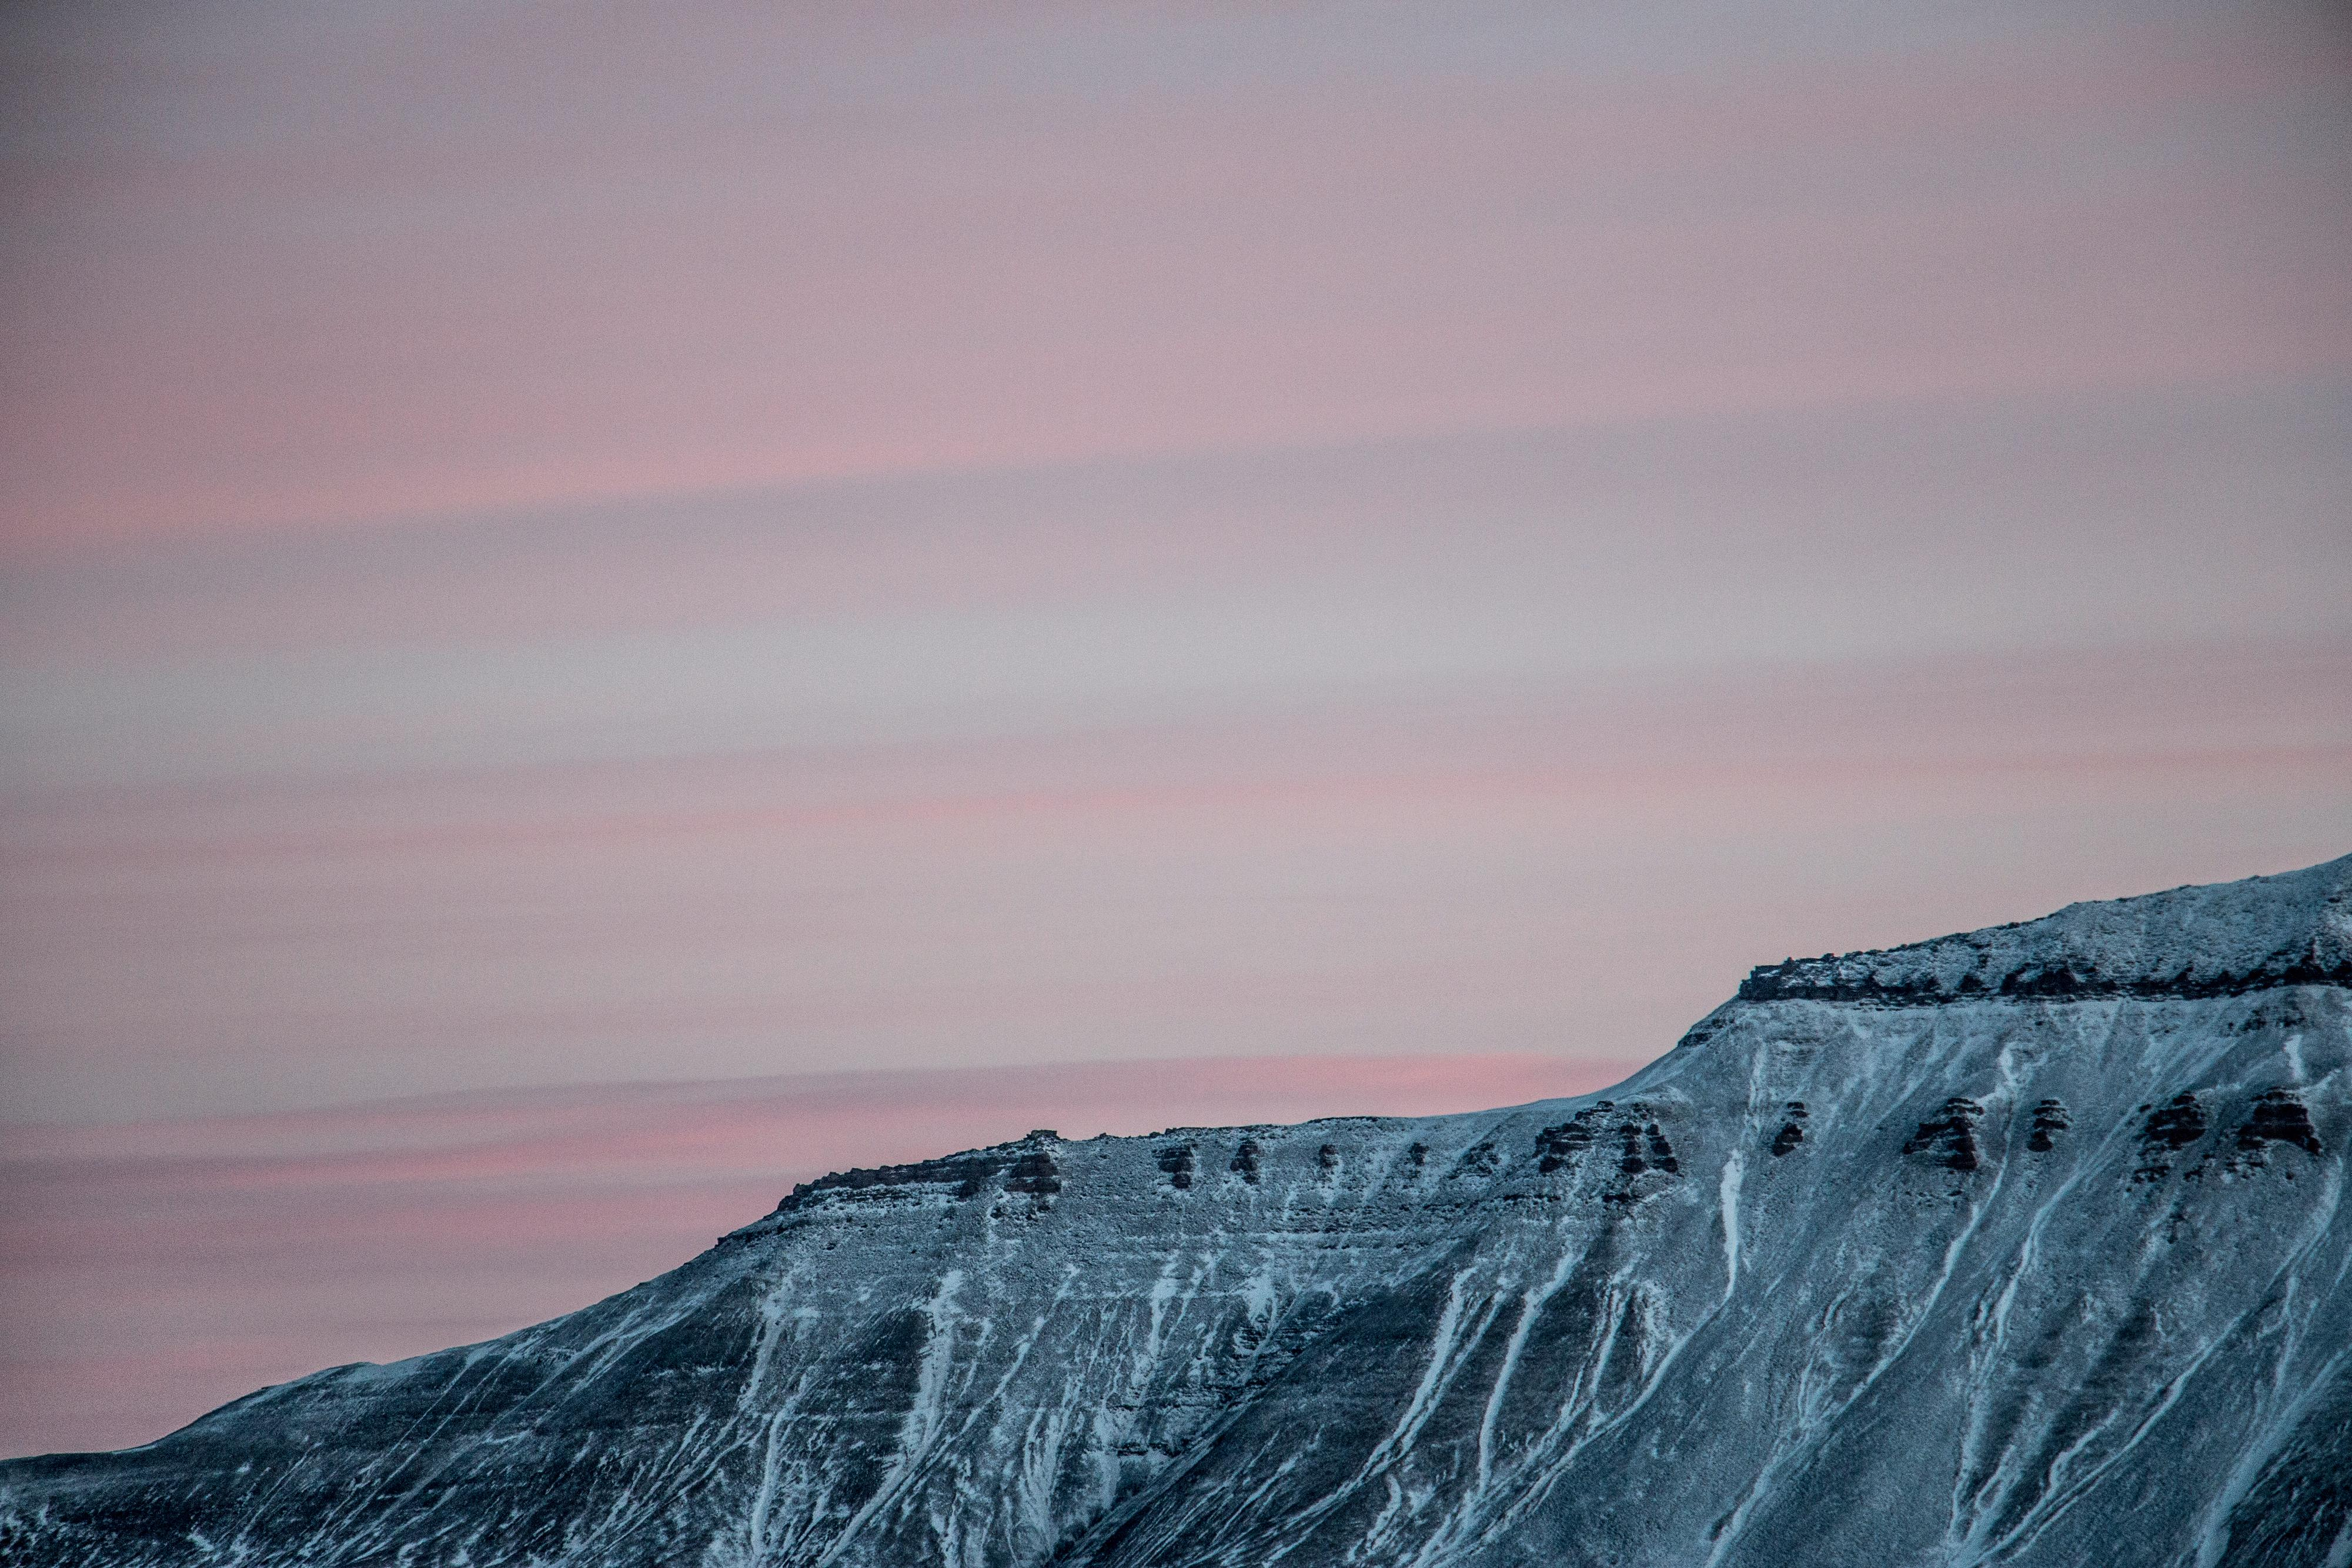 70D: 640 ISO, f/5.6, 1/200s, 135mm (kitobjektiv).Foto: Kjersti Stuestøl